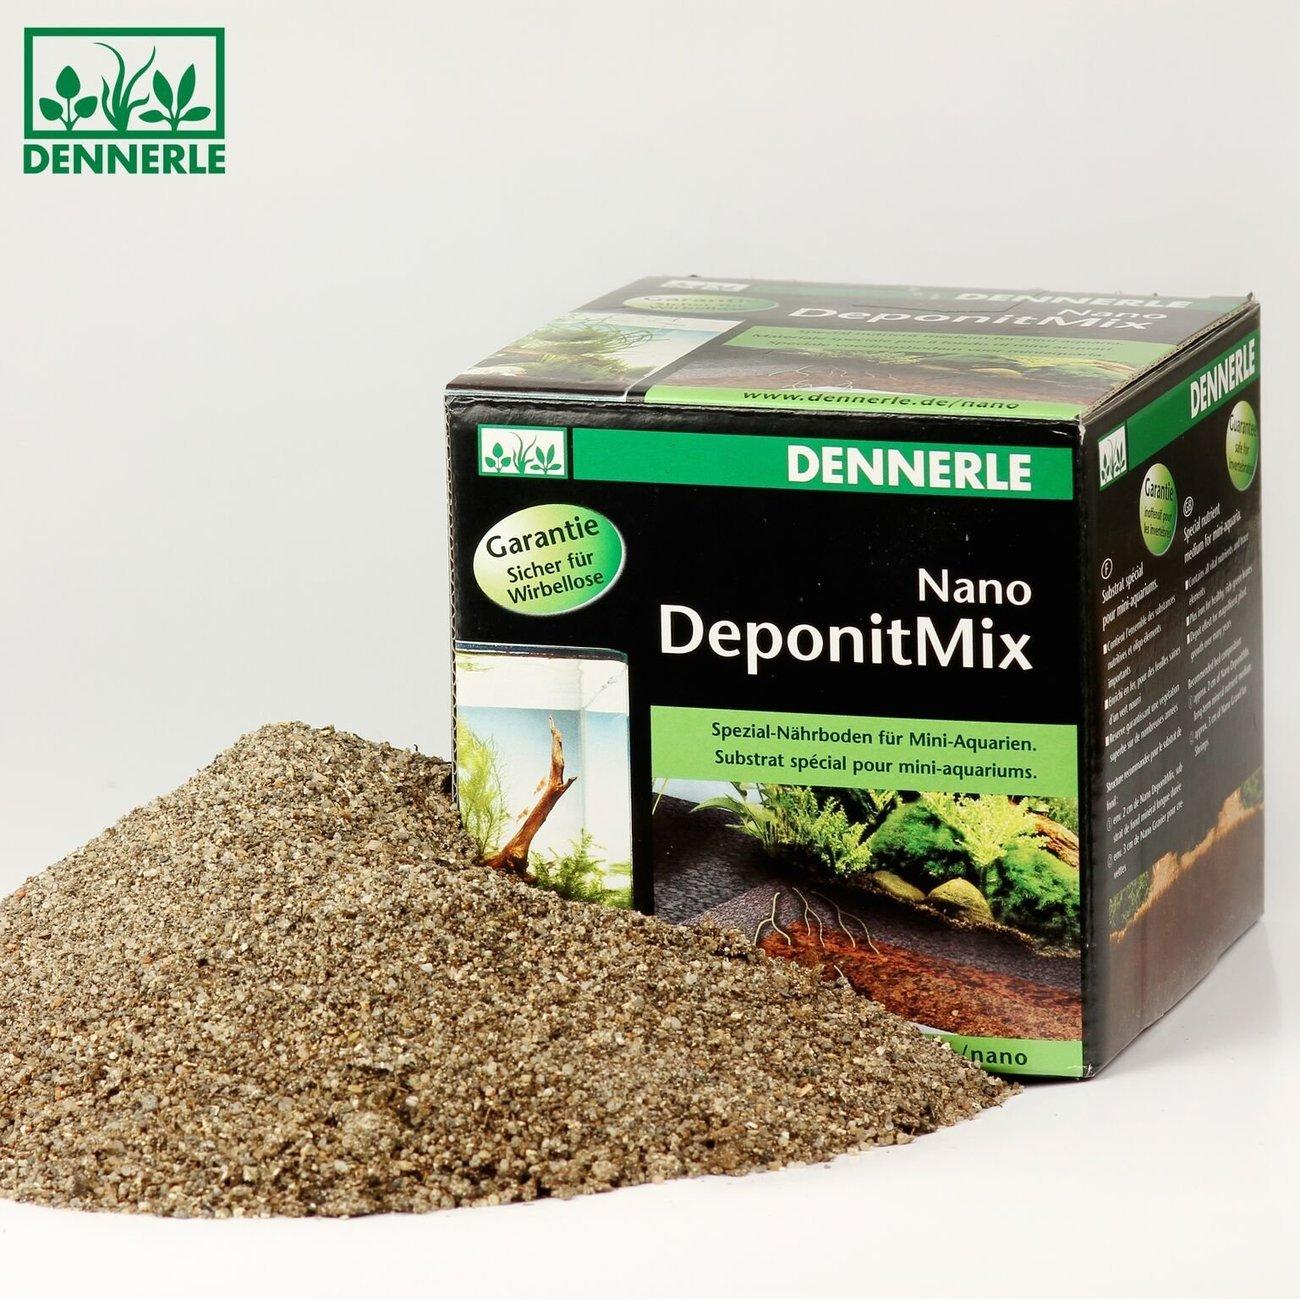 Dennerle Nano Deponit Mix, 1 kg